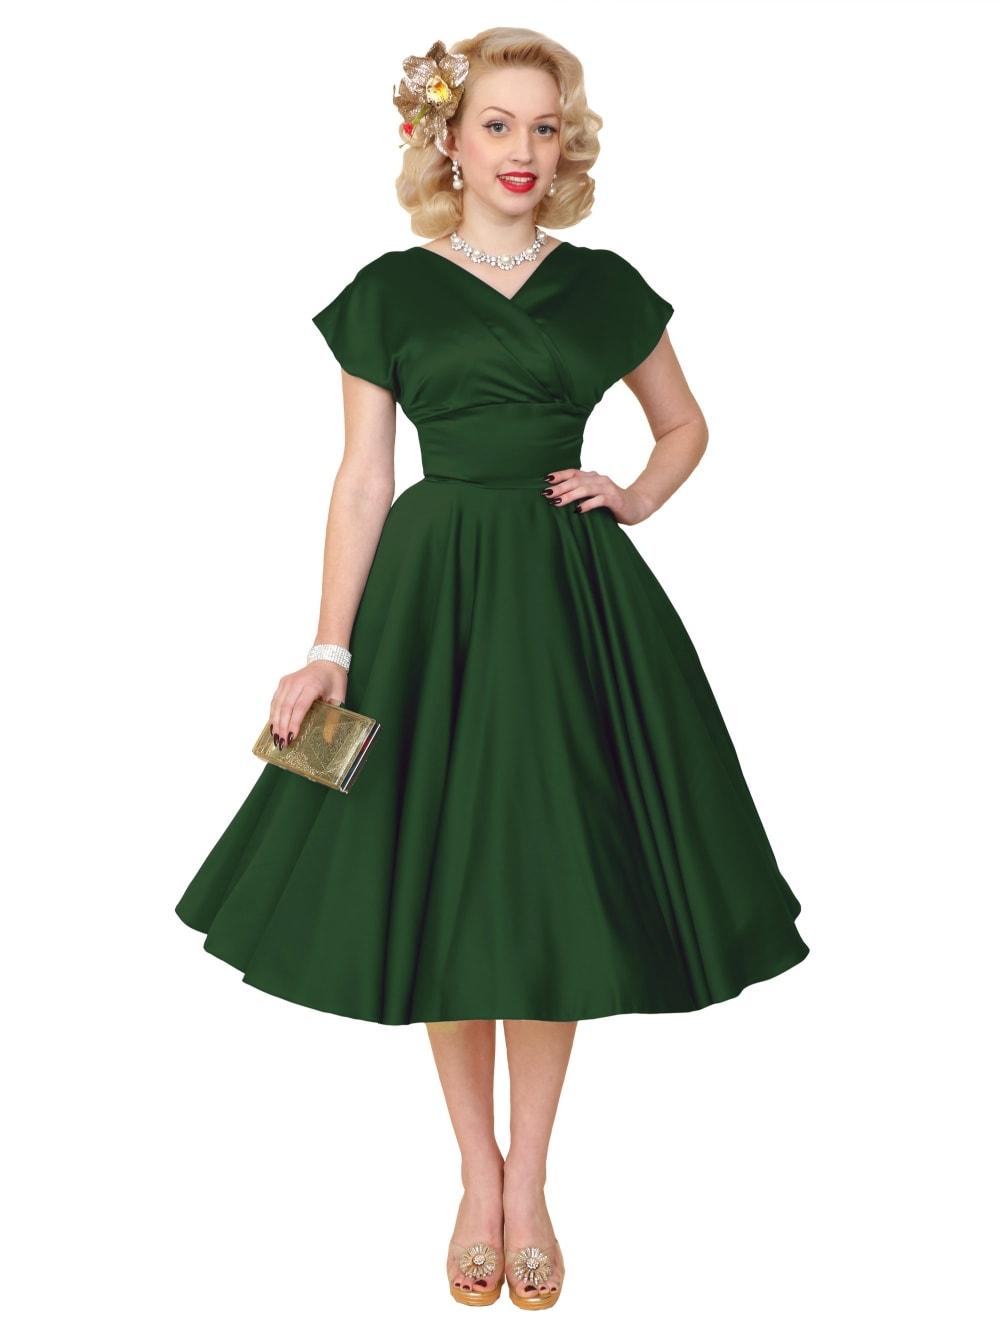 Grace Forest Green Duchess Dress from Vivien of Holloway